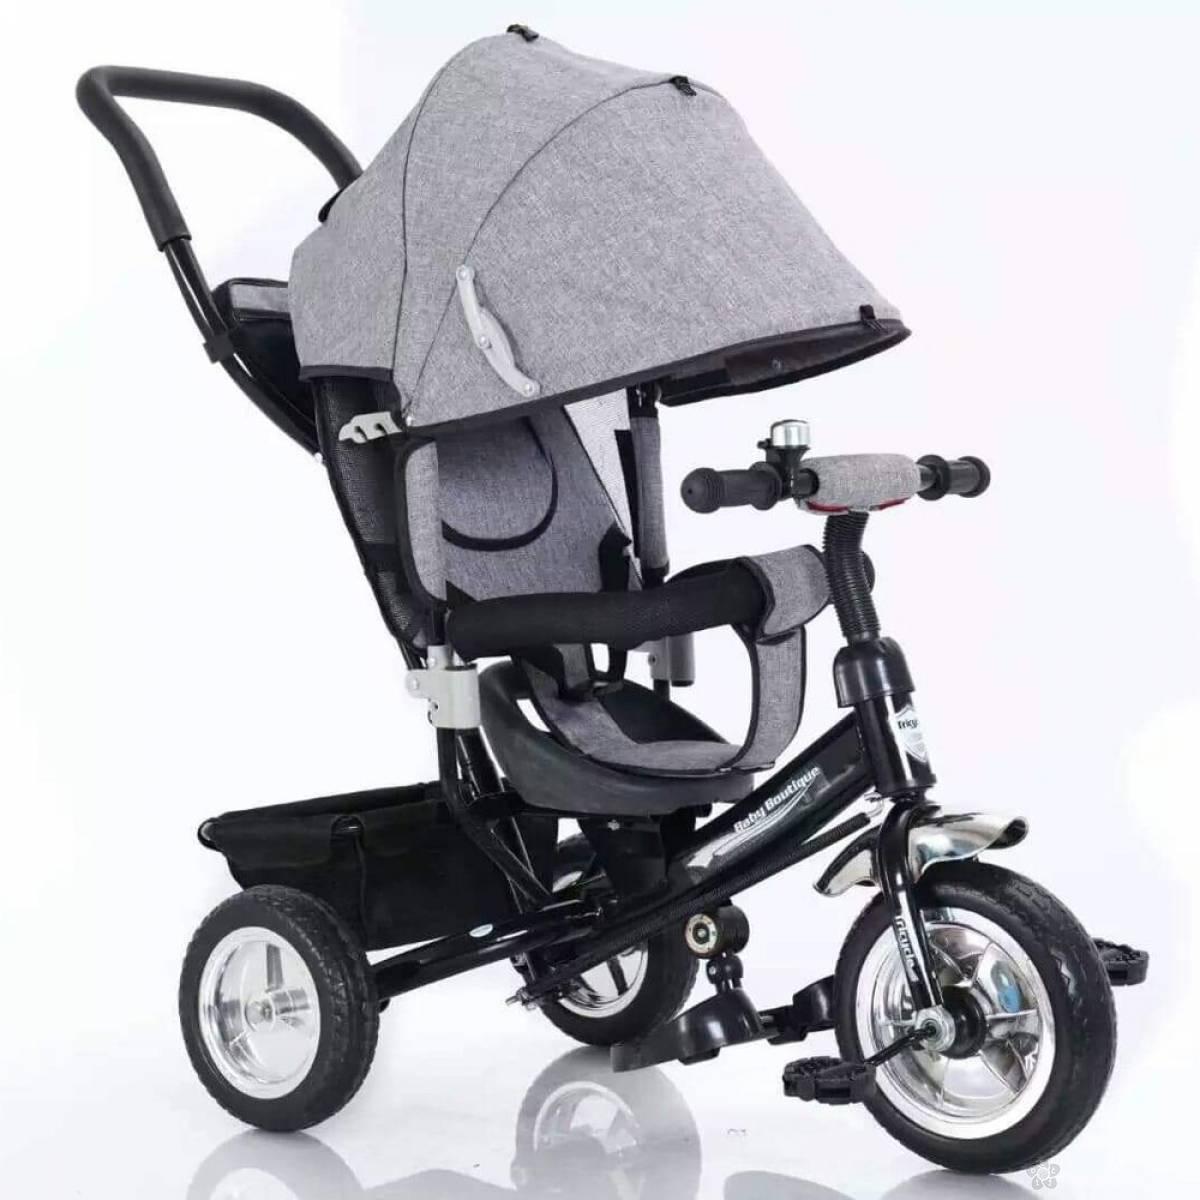 Tricikl sivi BJ269